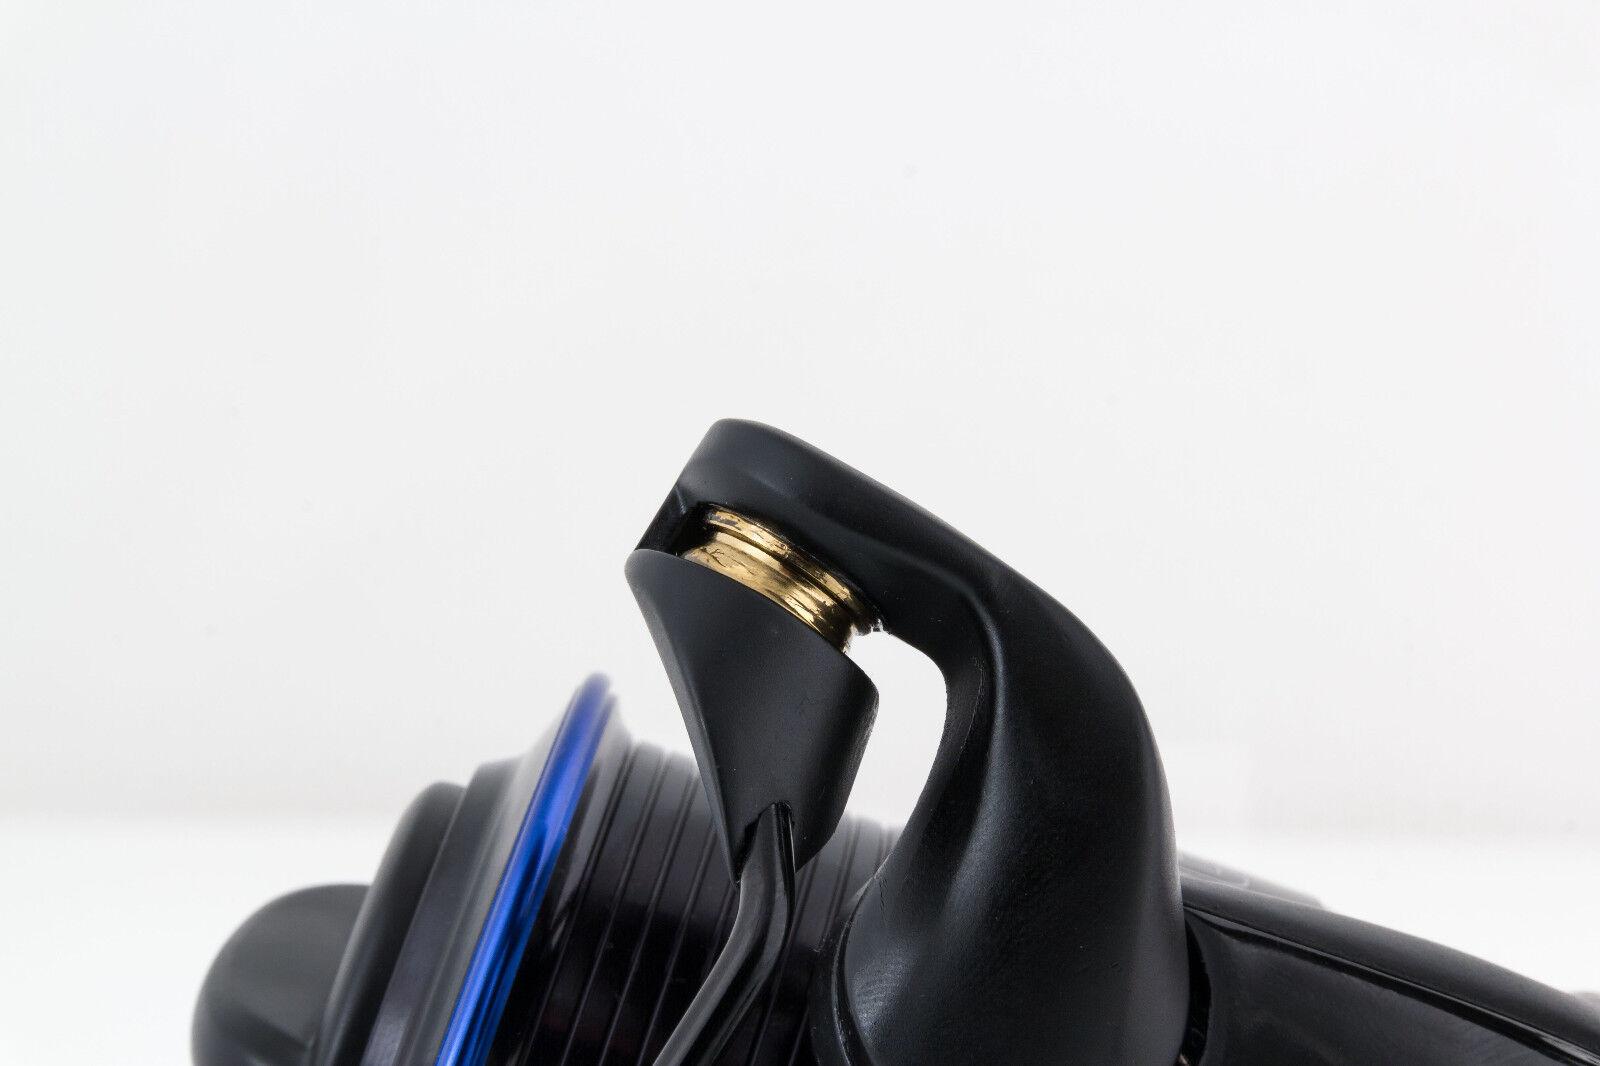 Angelrolle Fox Aquos 5000 Rolle 6 Kugellager Schnurfassung 150m//0,25mm